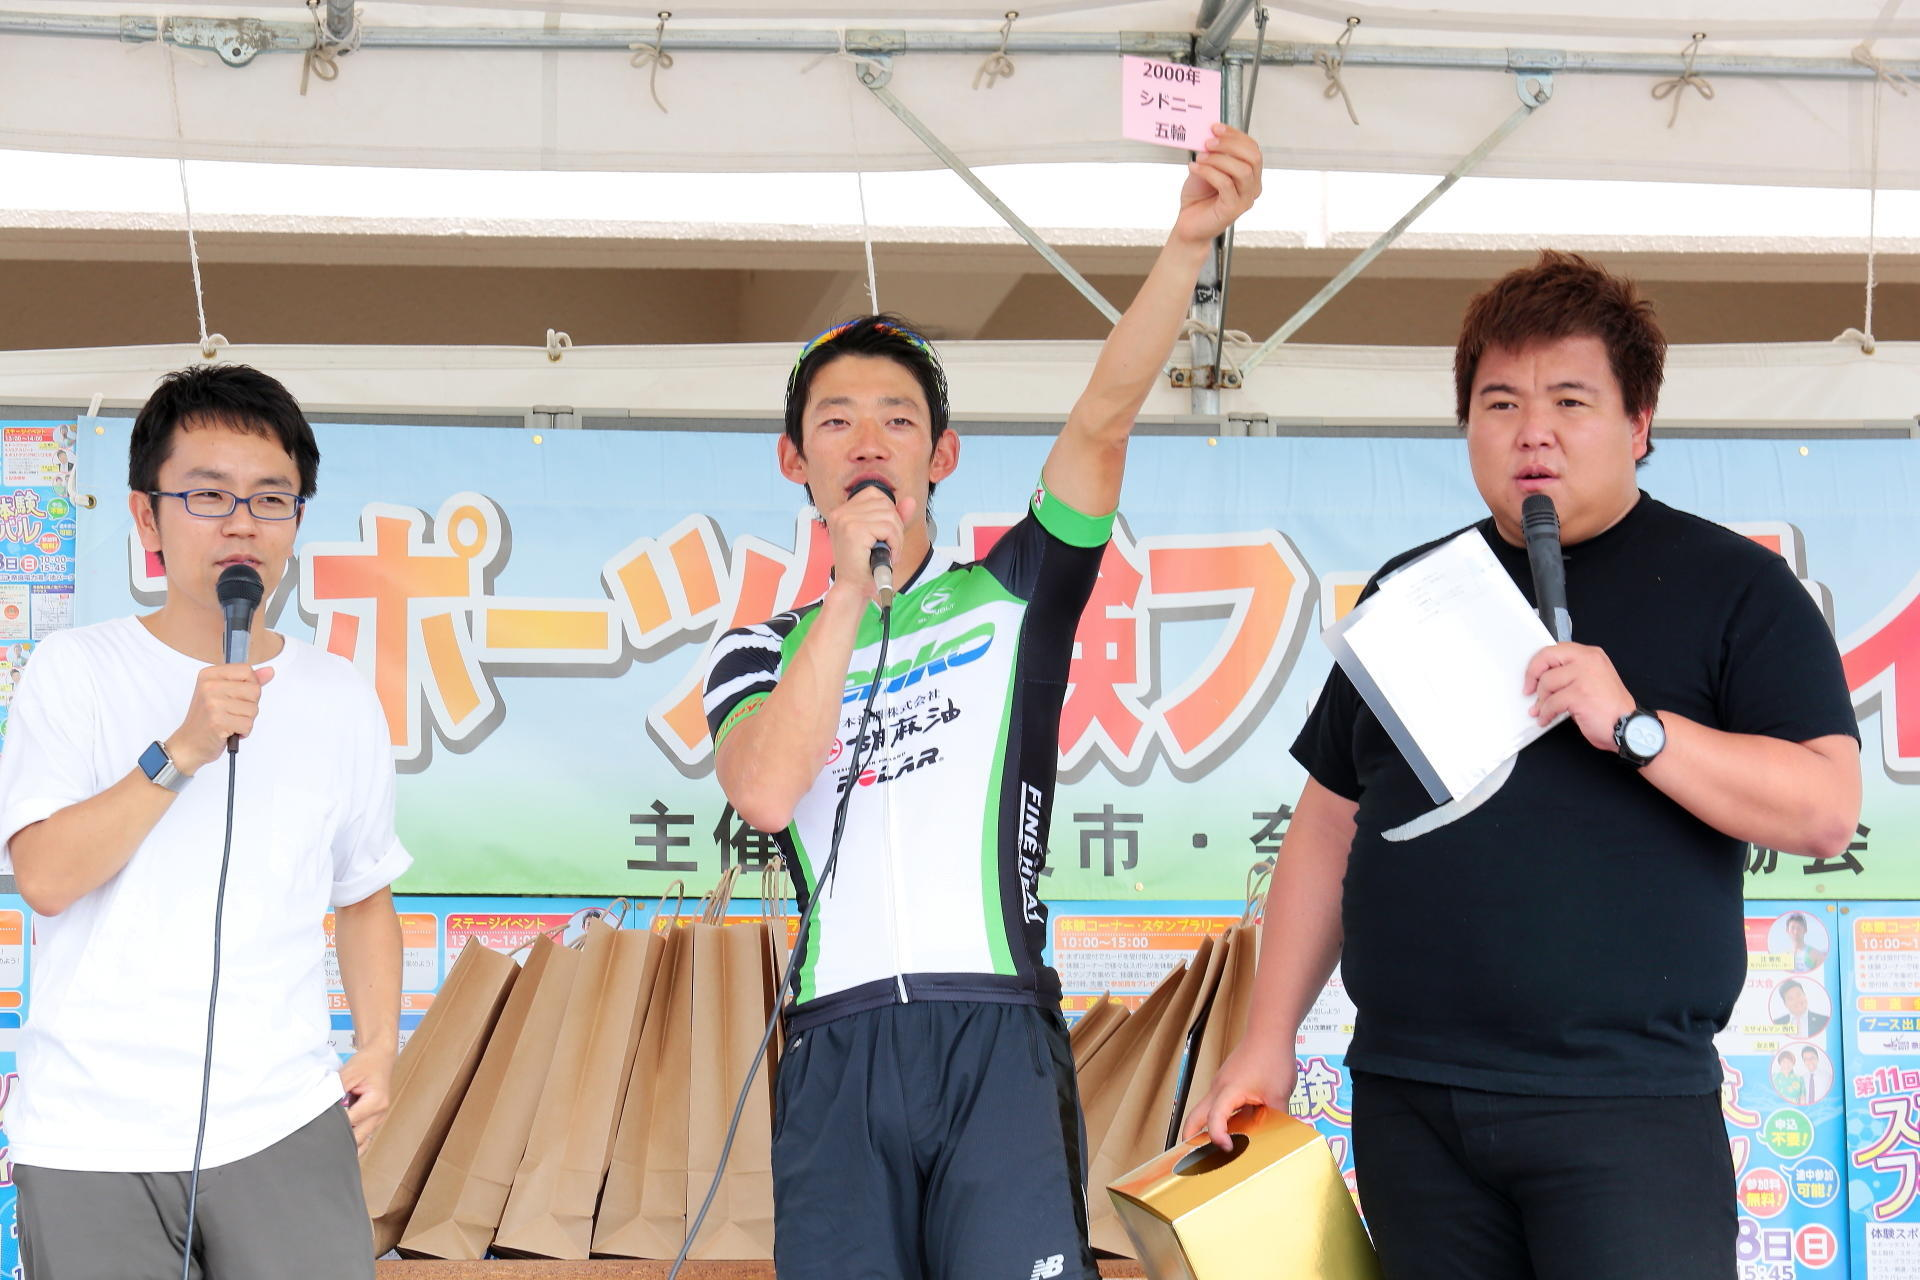 http://news.yoshimoto.co.jp/20171013012312-4c66dfd3e99d68a57938cddc8cf568c3fa7dd864.jpg